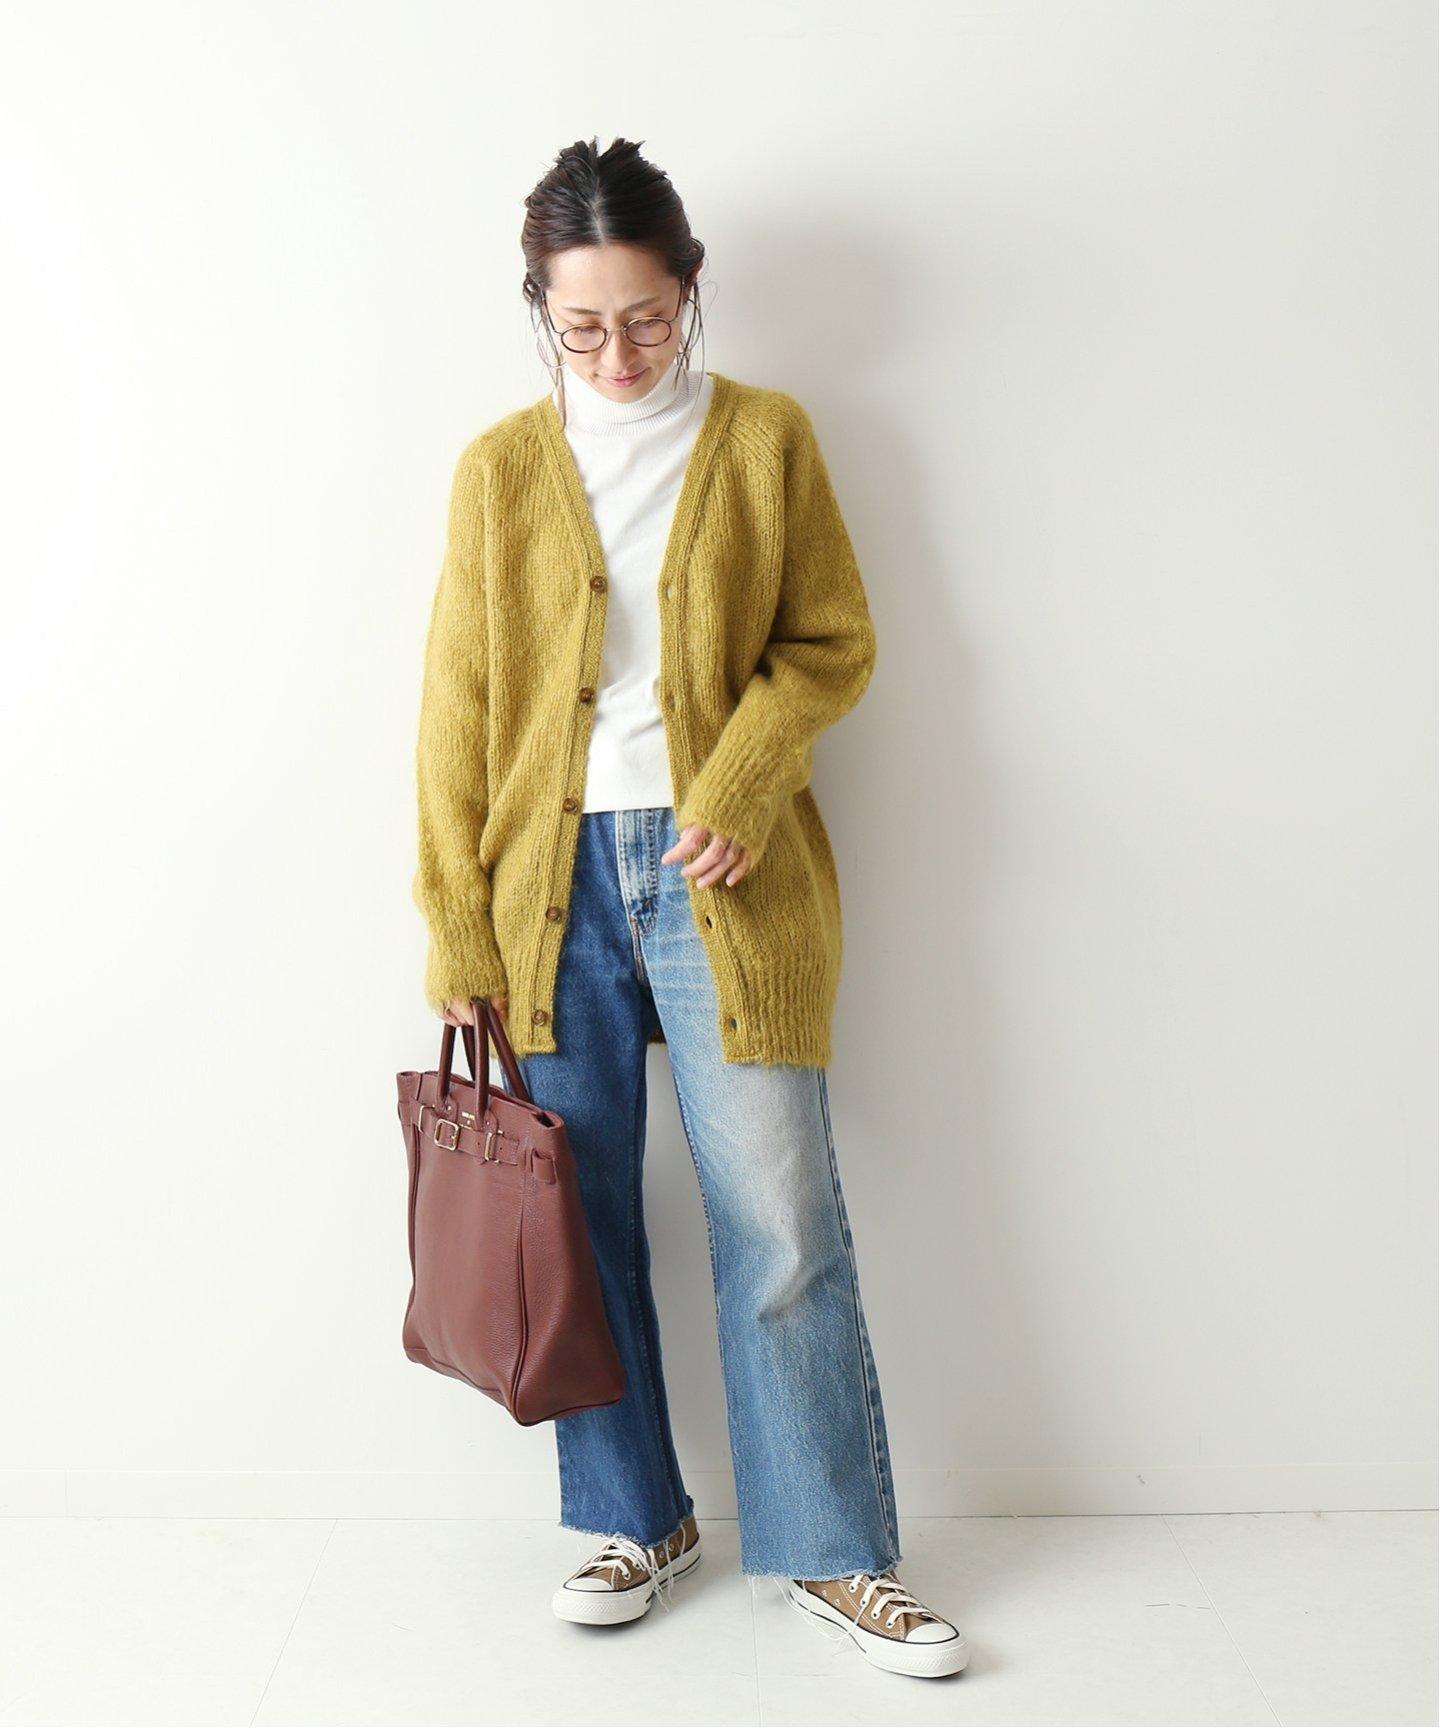 以高領的淺色打底上衣來創造層次效果就是簡單又不失印象感的衣裝